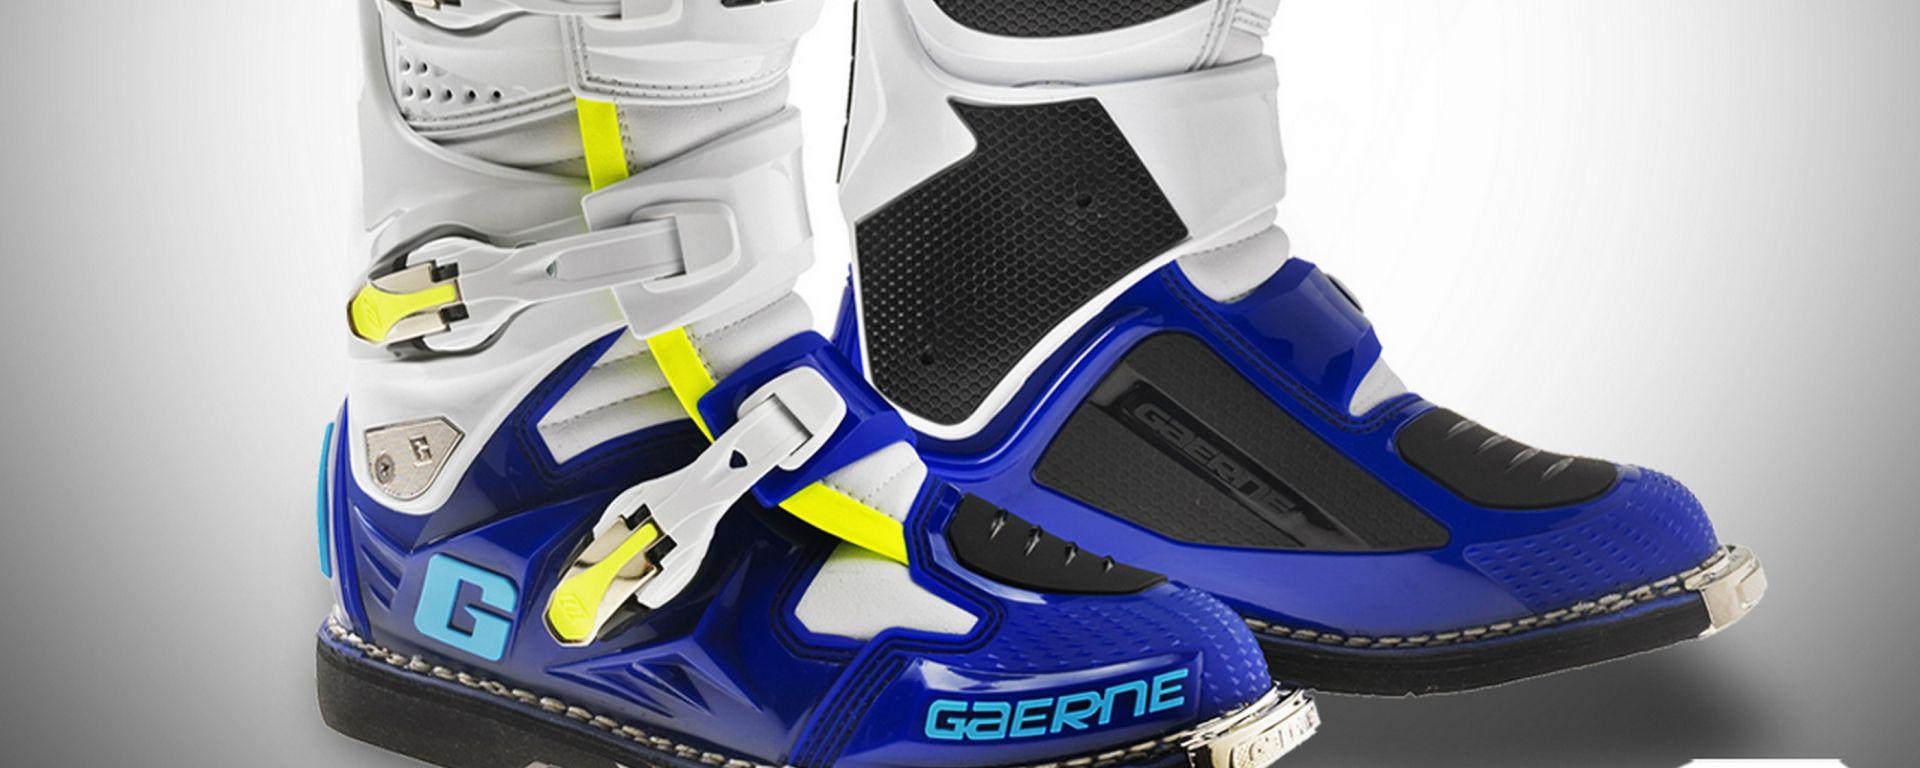 Gaerne: stivali SG.12 limited edition